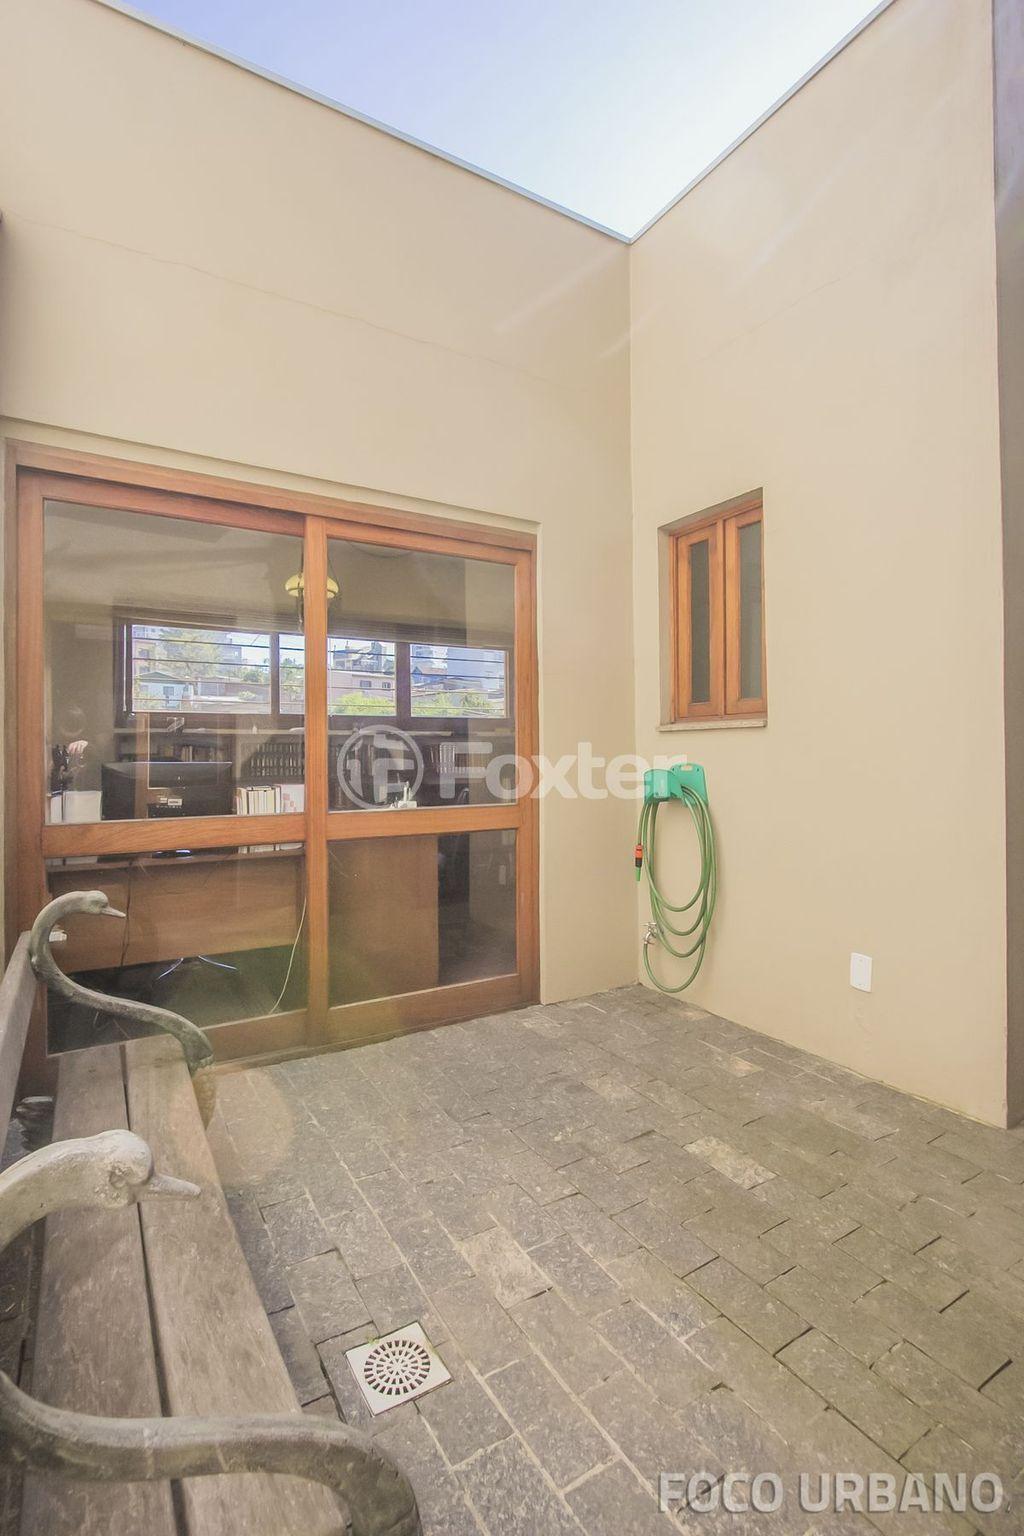 Foxter Imobiliária - Casa 3 Dorm, Vila Jardim - Foto 12